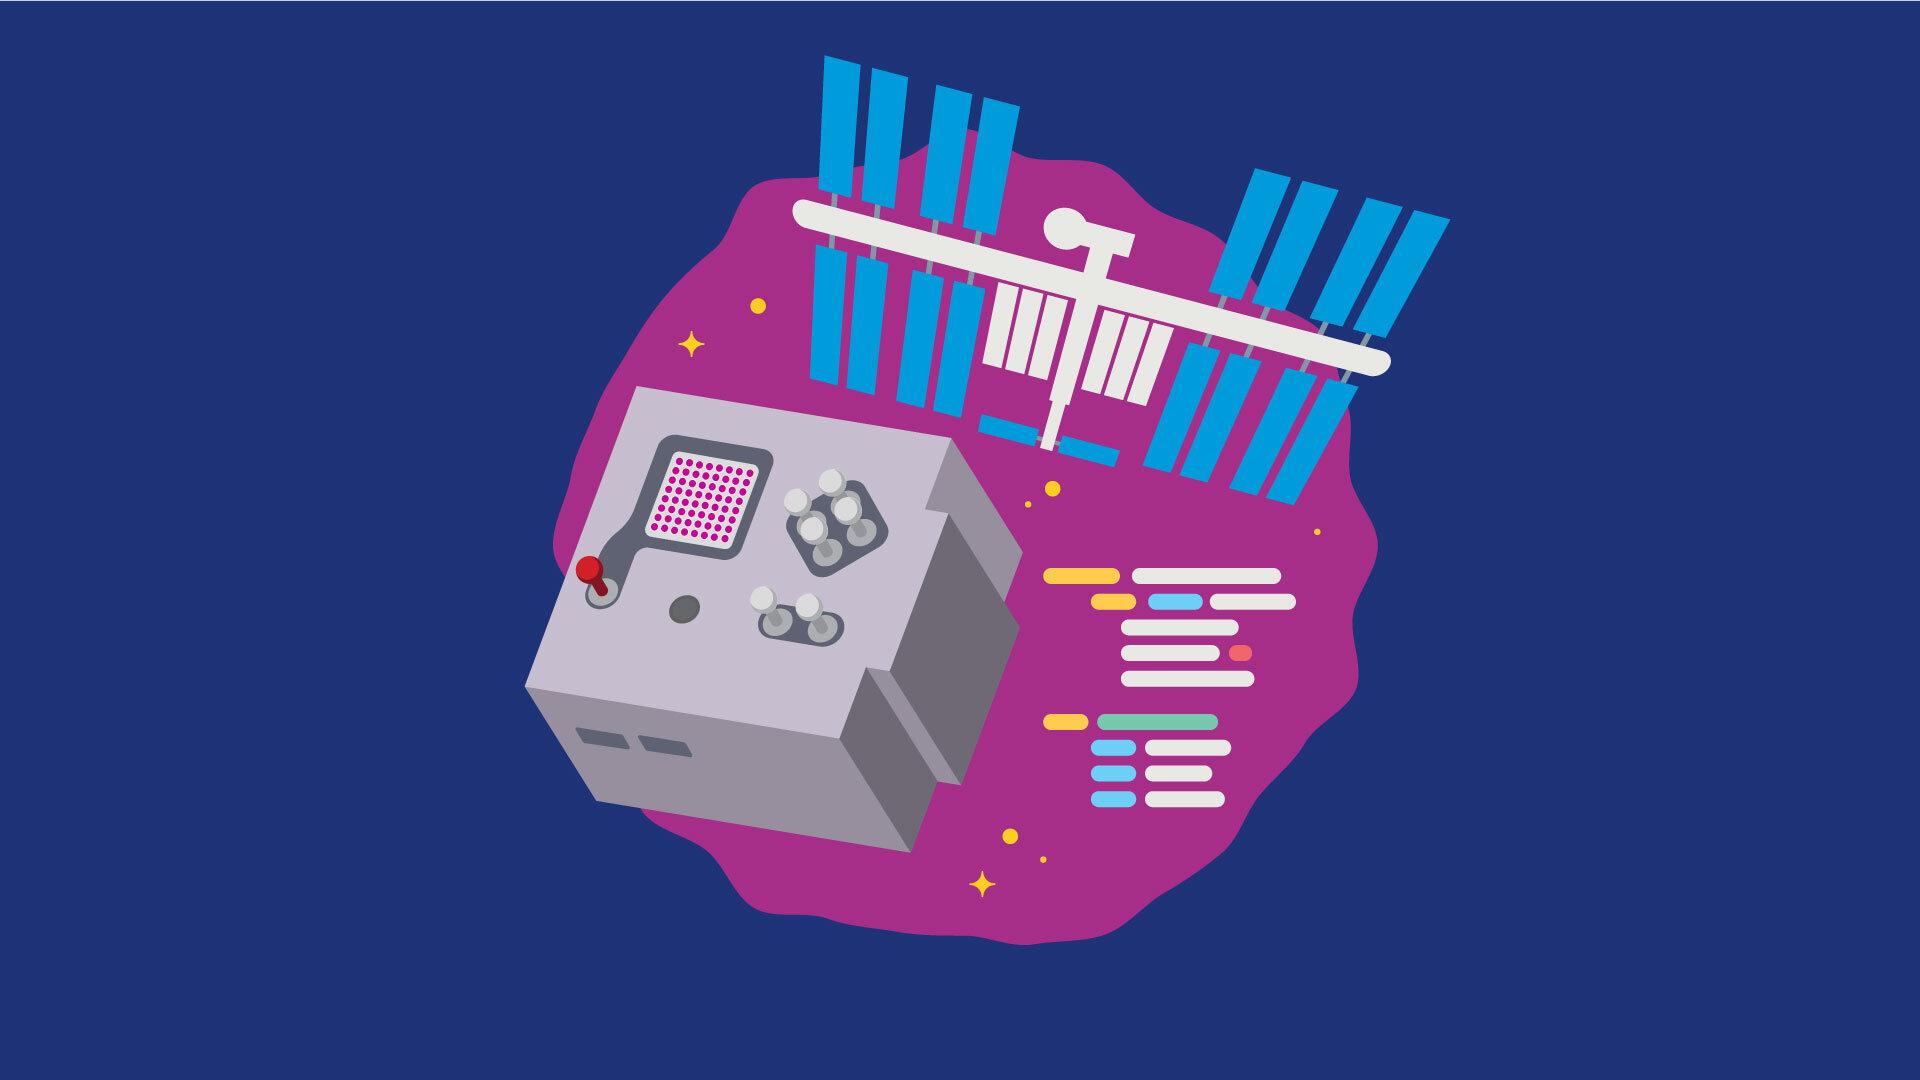 Koniec zapisów naWarsztaty Run experiments on the ISS using Astro Pi @ Online